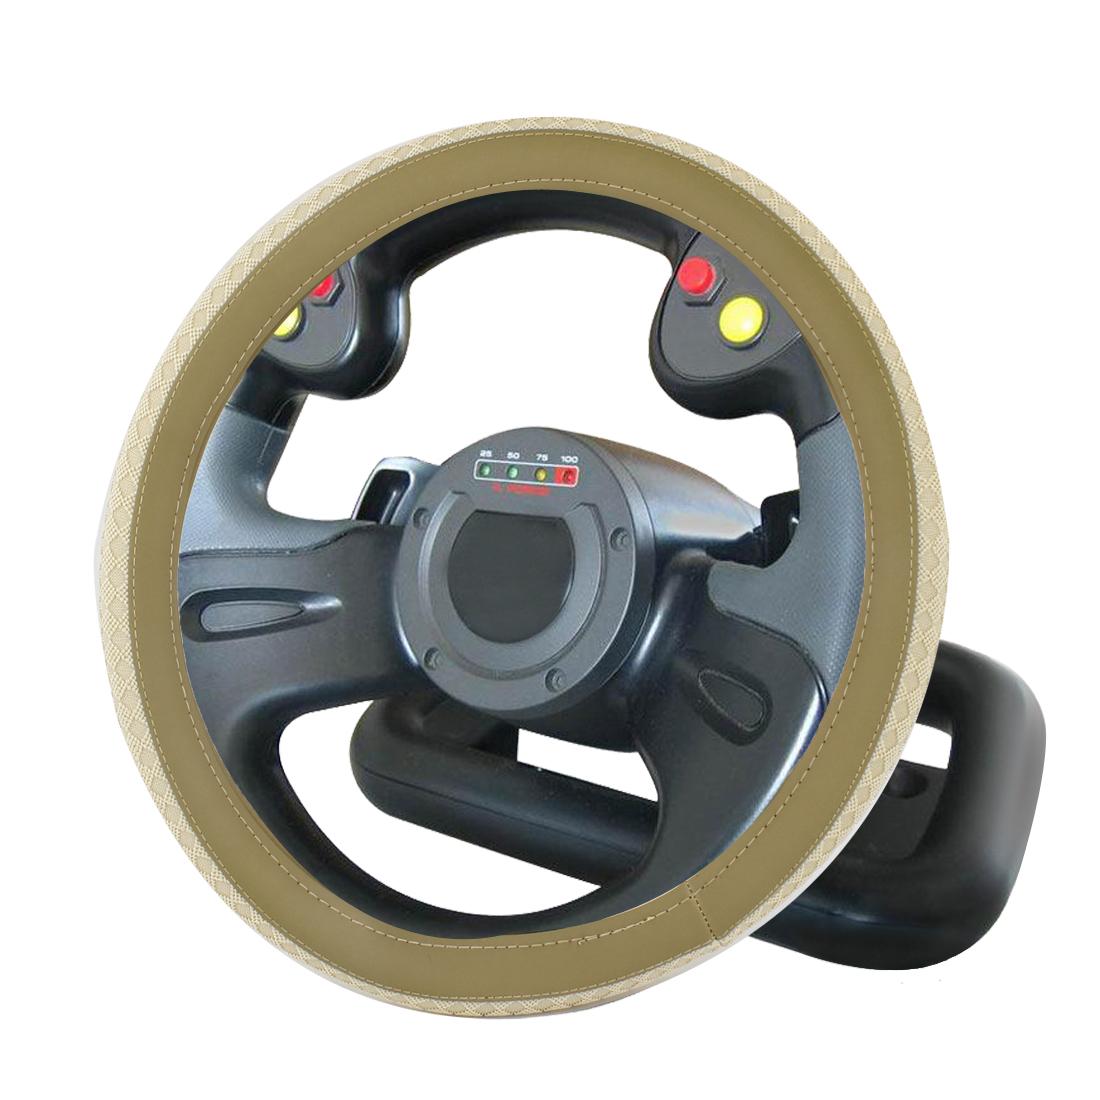 Vehicle Car Rhombus Printed Textured Steering Wheel Cover 38cm Dia Beige